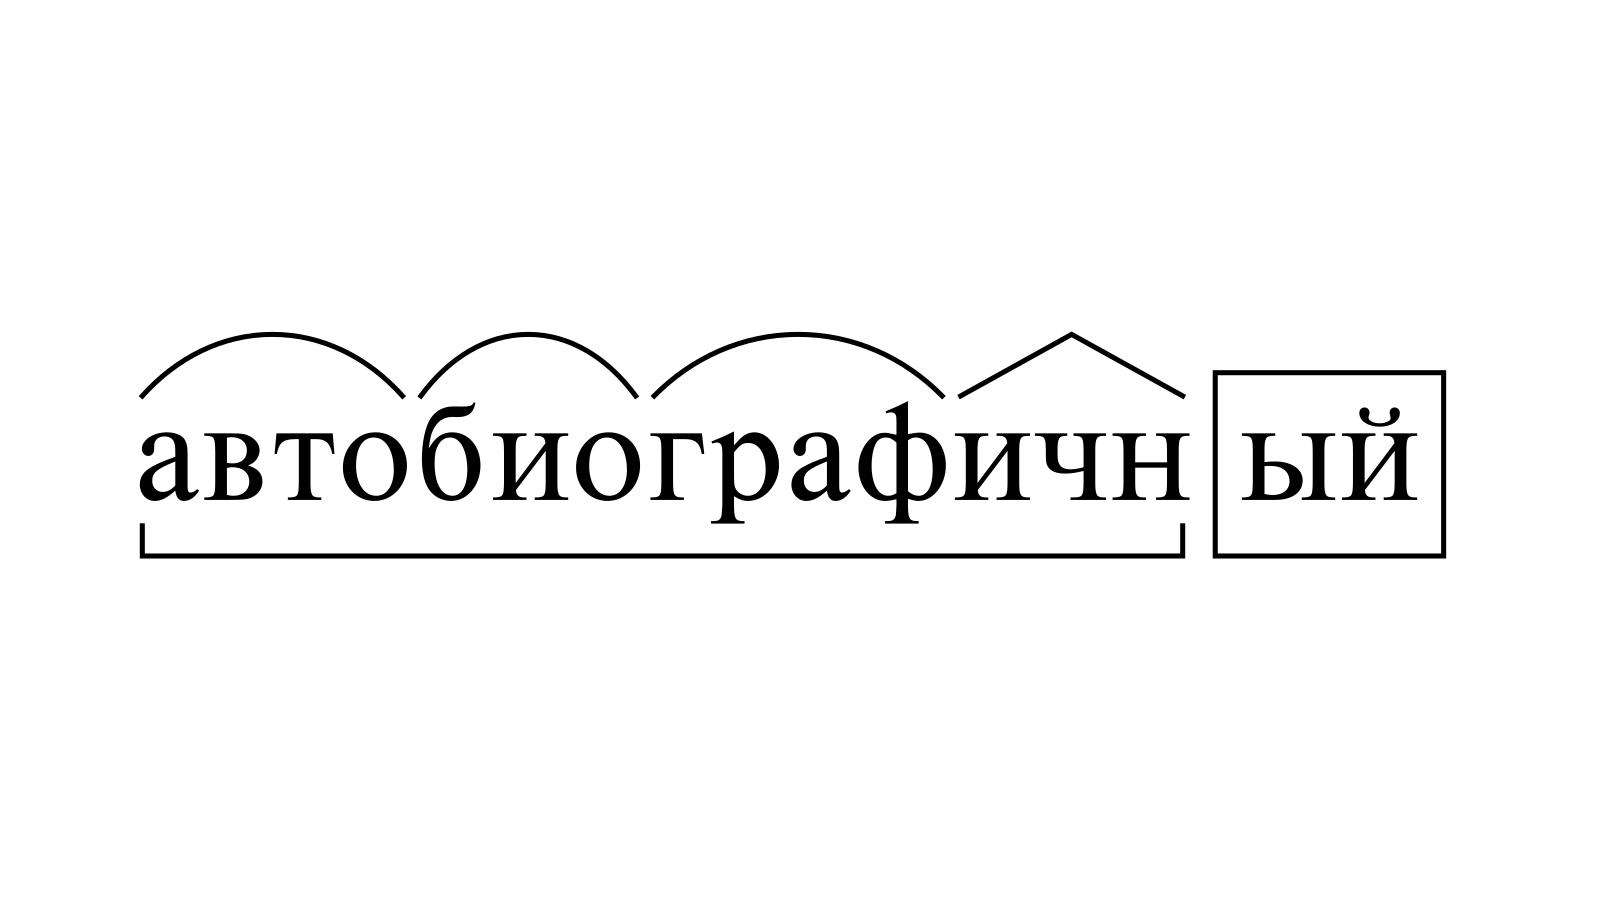 Разбор слова «автобиографичный» по составу